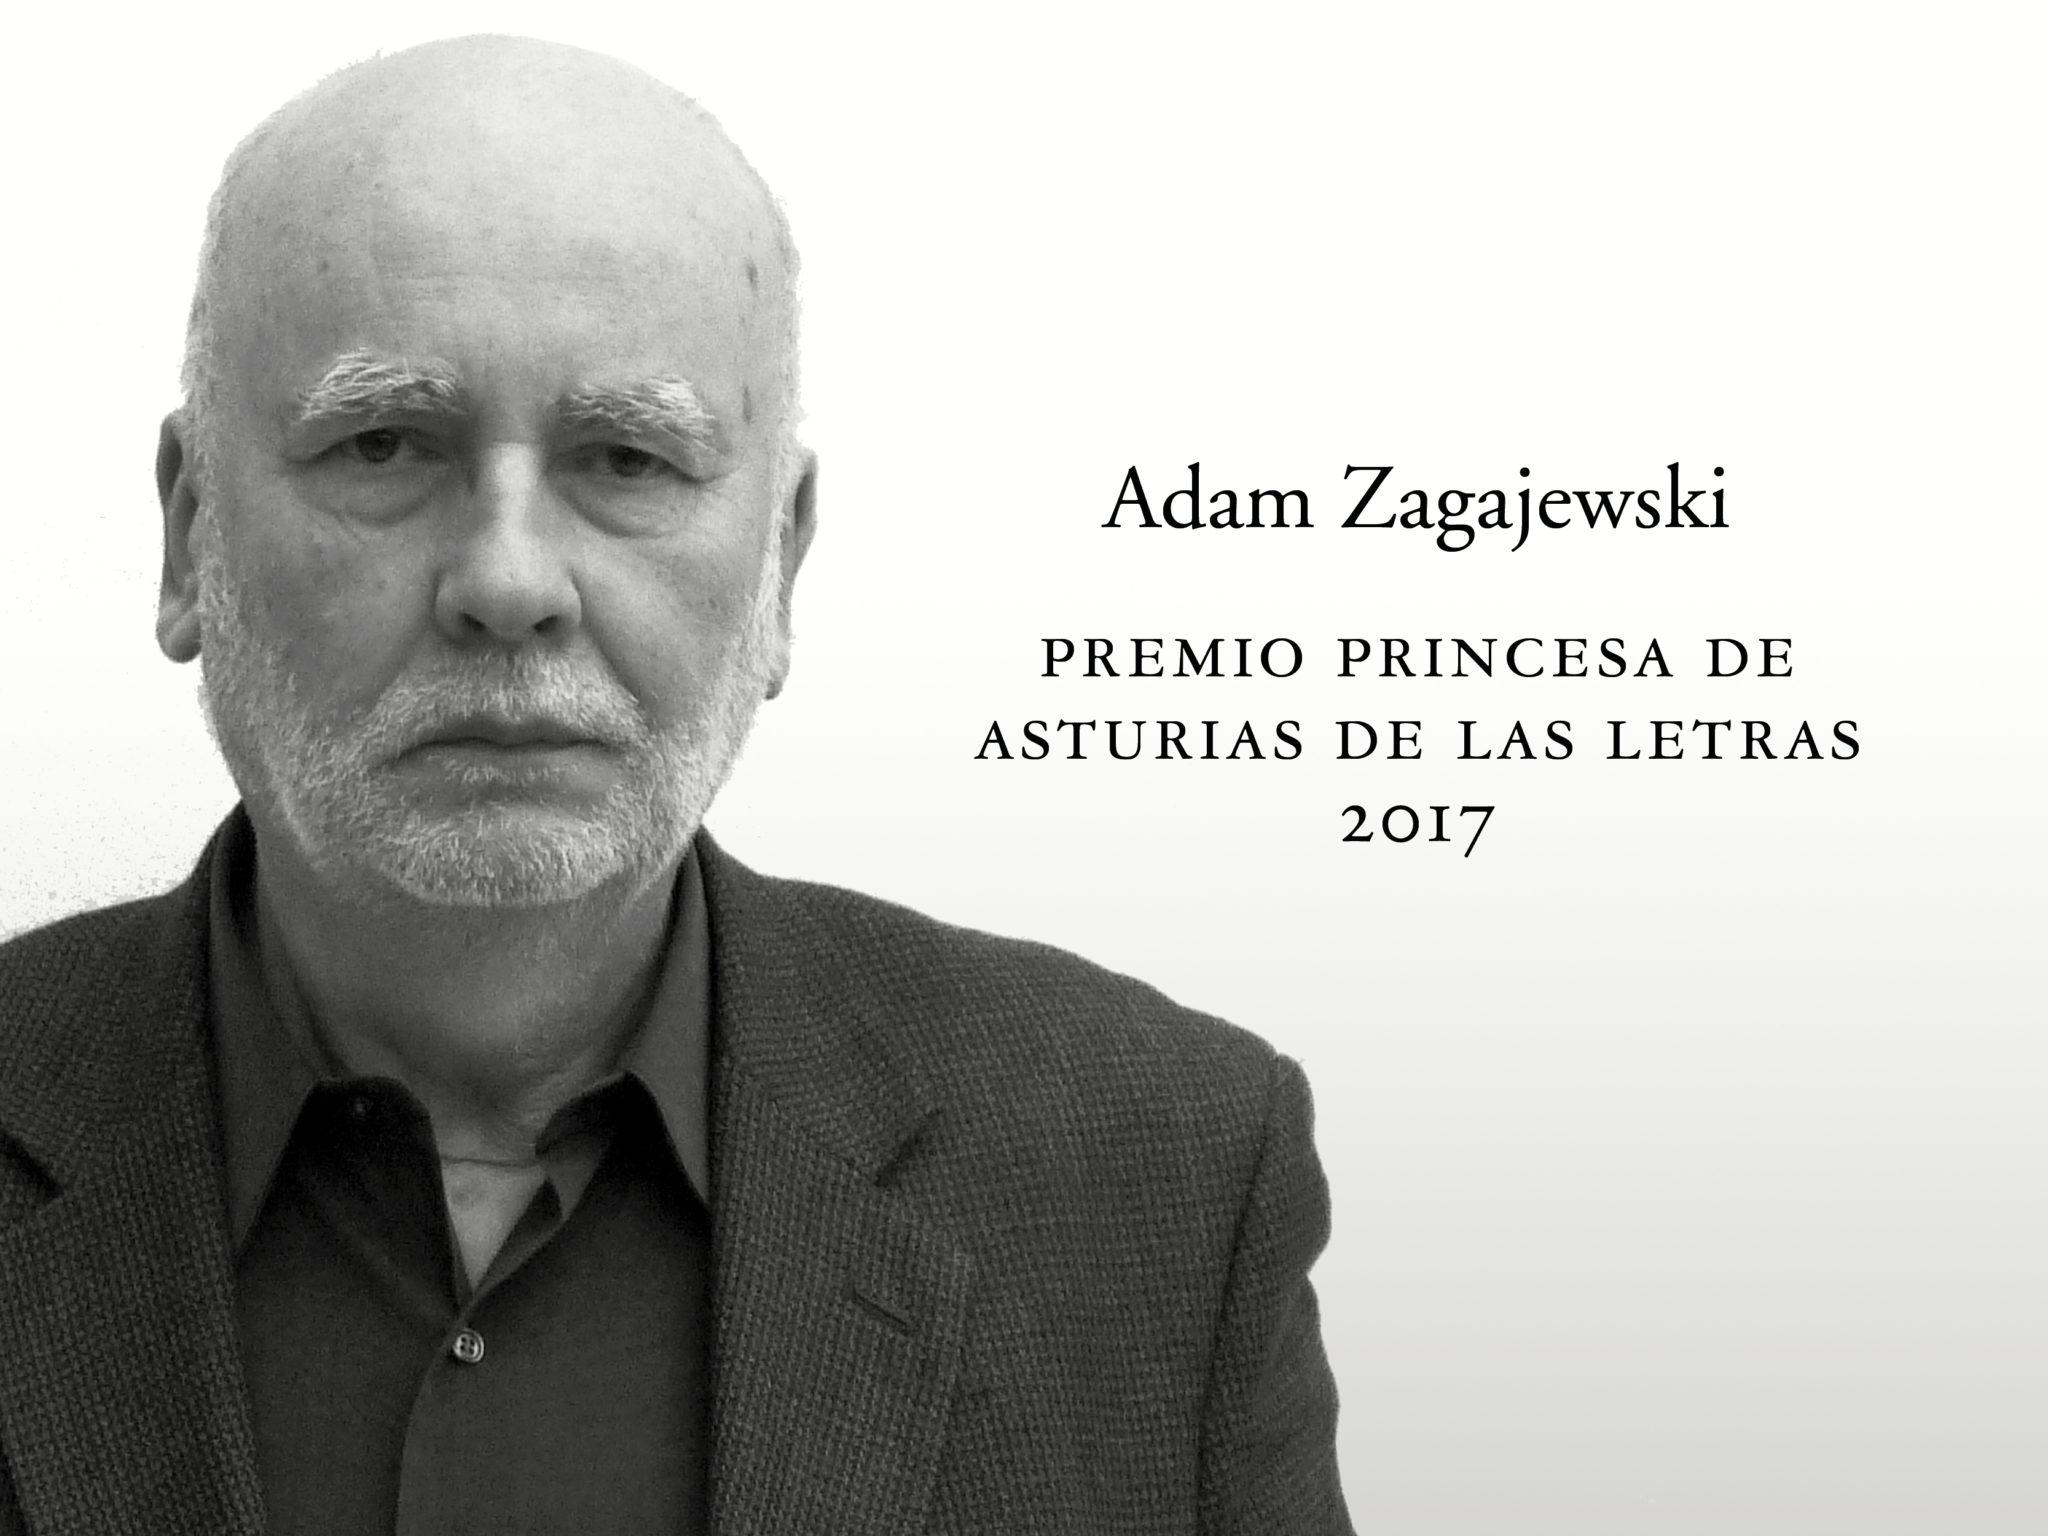 Resultado de imagen de ADAM ZAGAJEWSKI